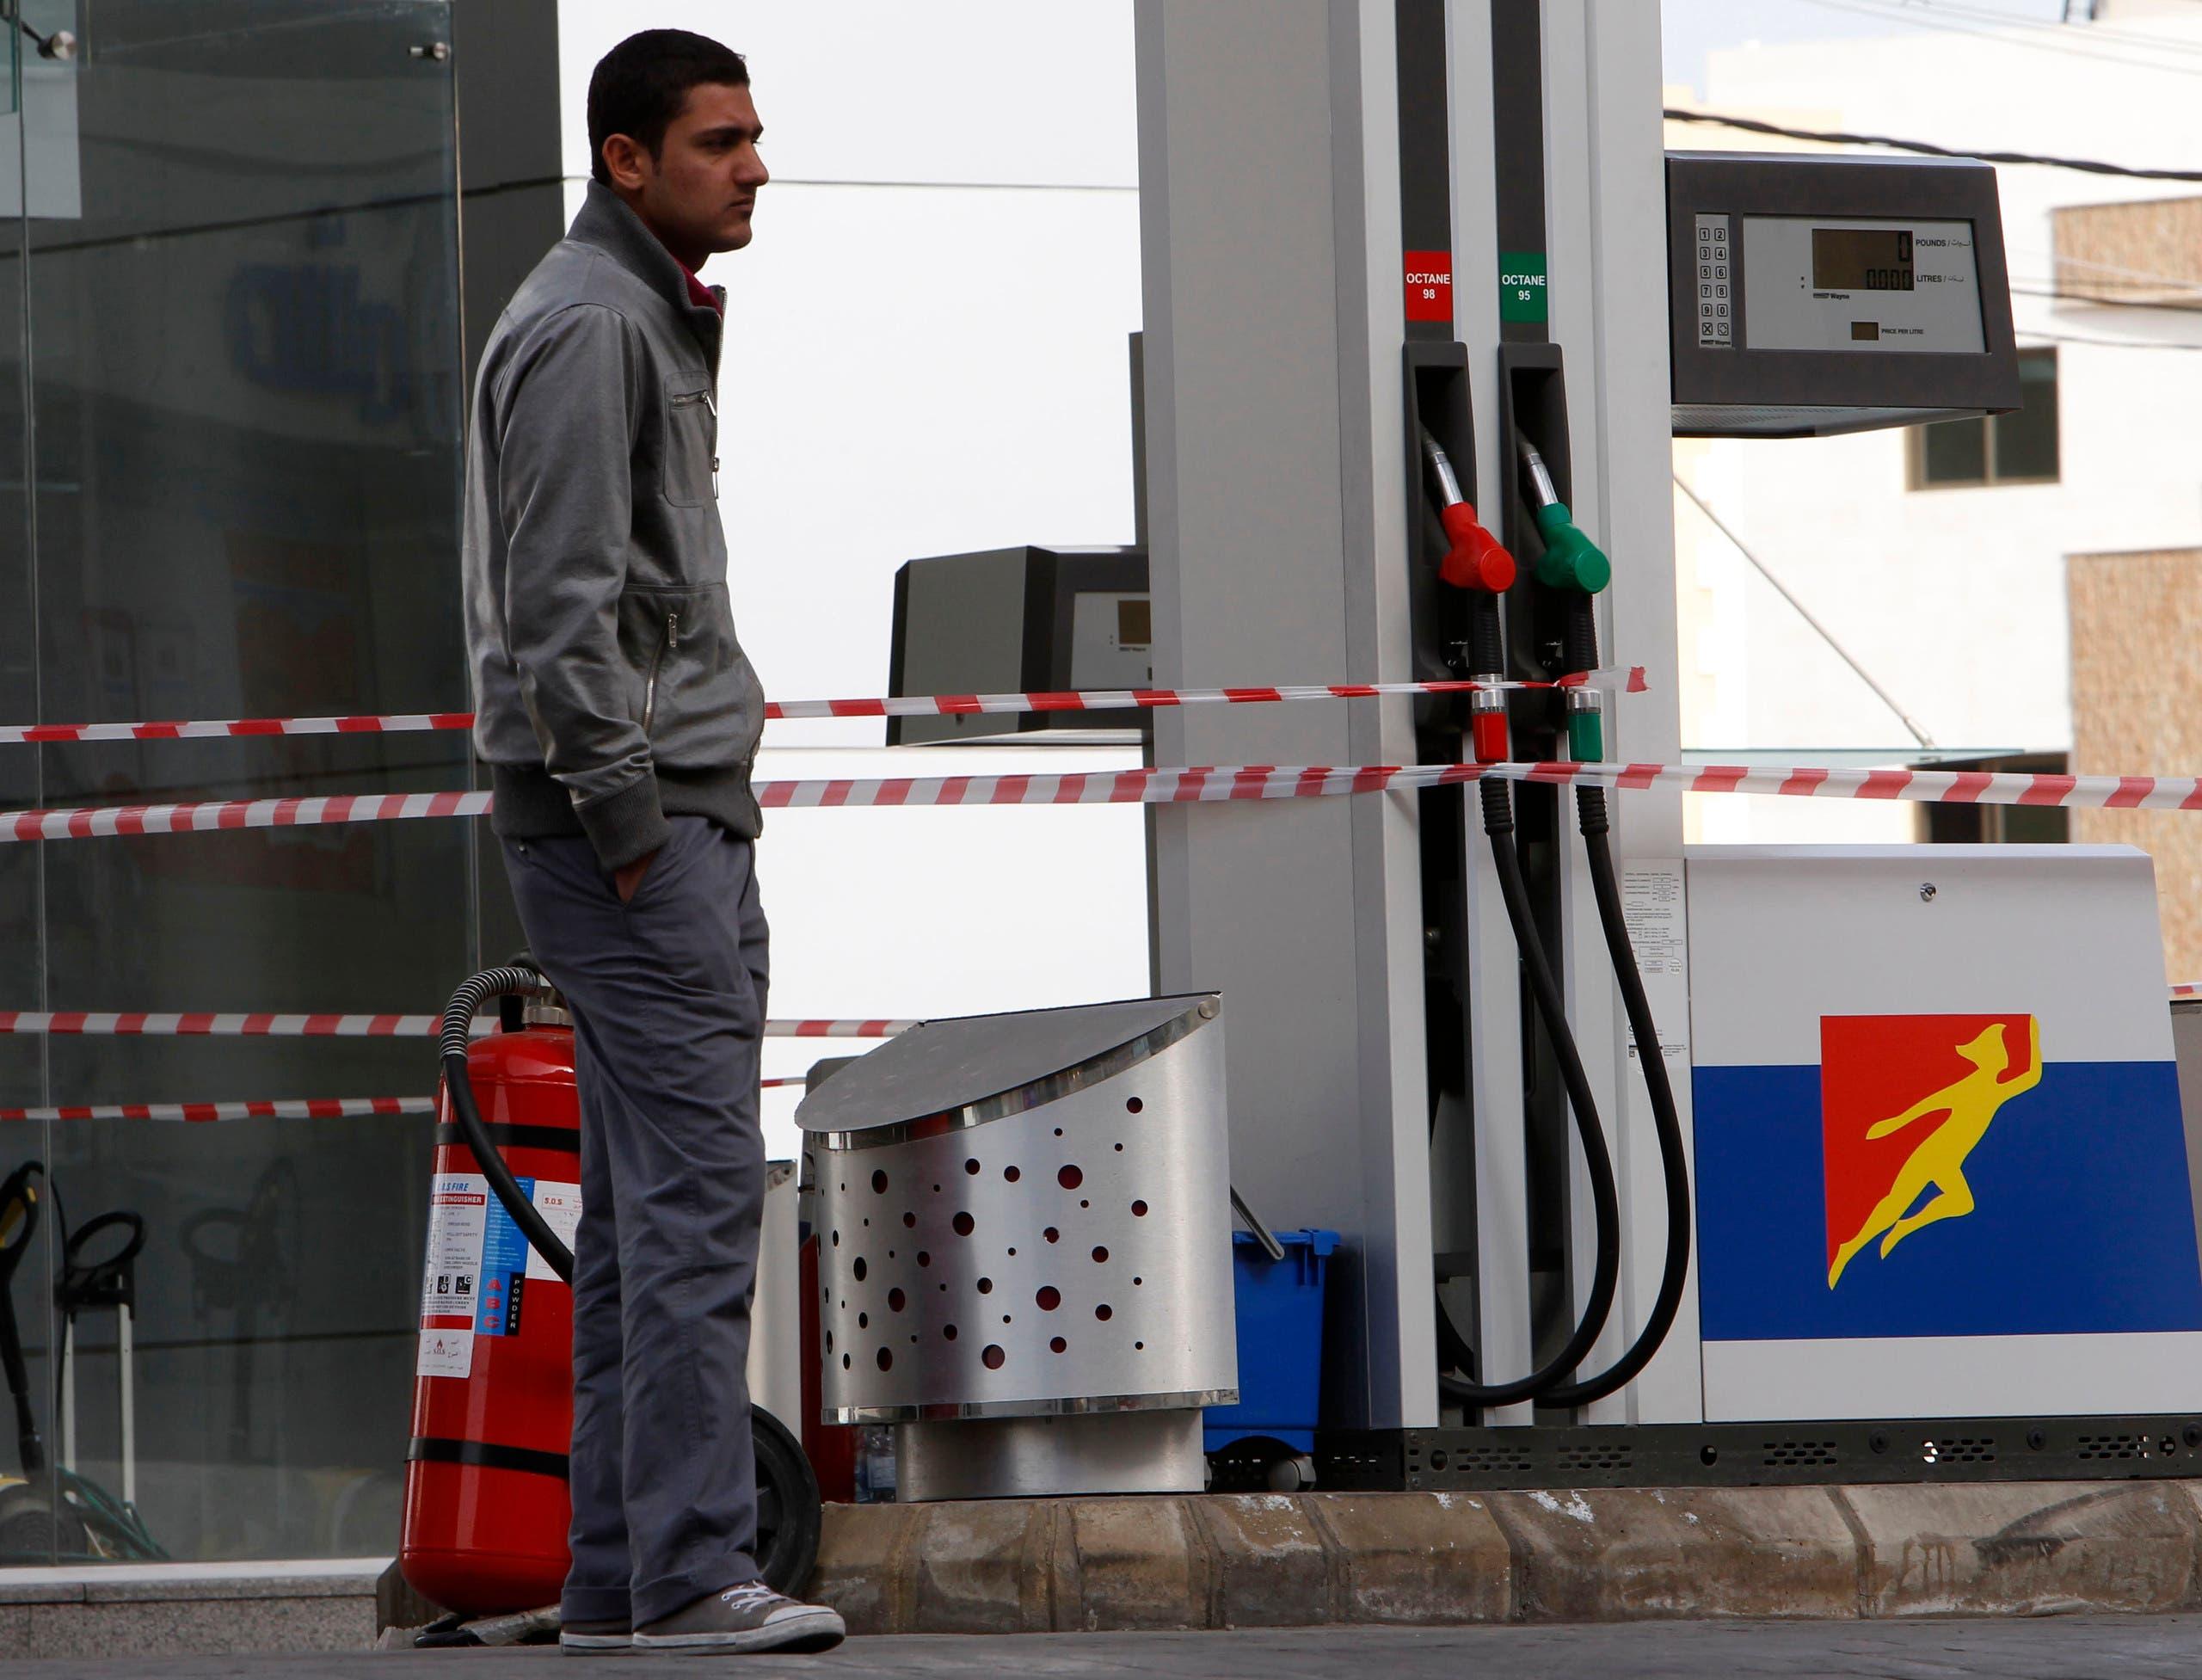 إقفال إحدى محطات الوقود في لبنان بسبب نقص البنزين (أرشيفية من رويترز)